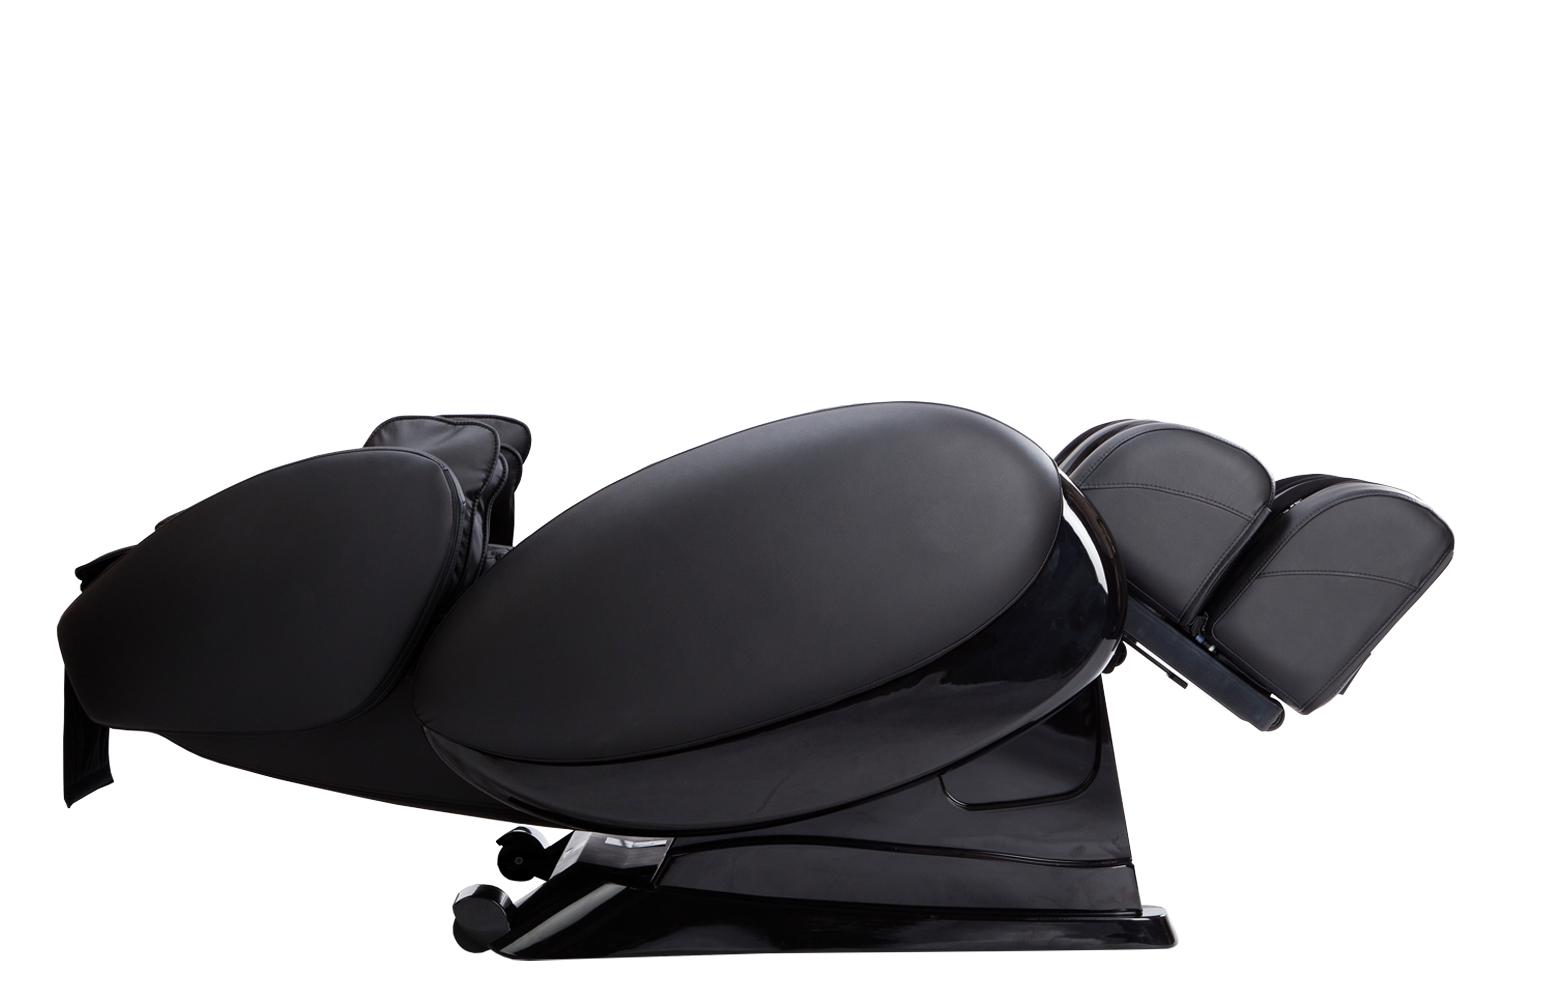 Relax 2 zero 3D massage chair